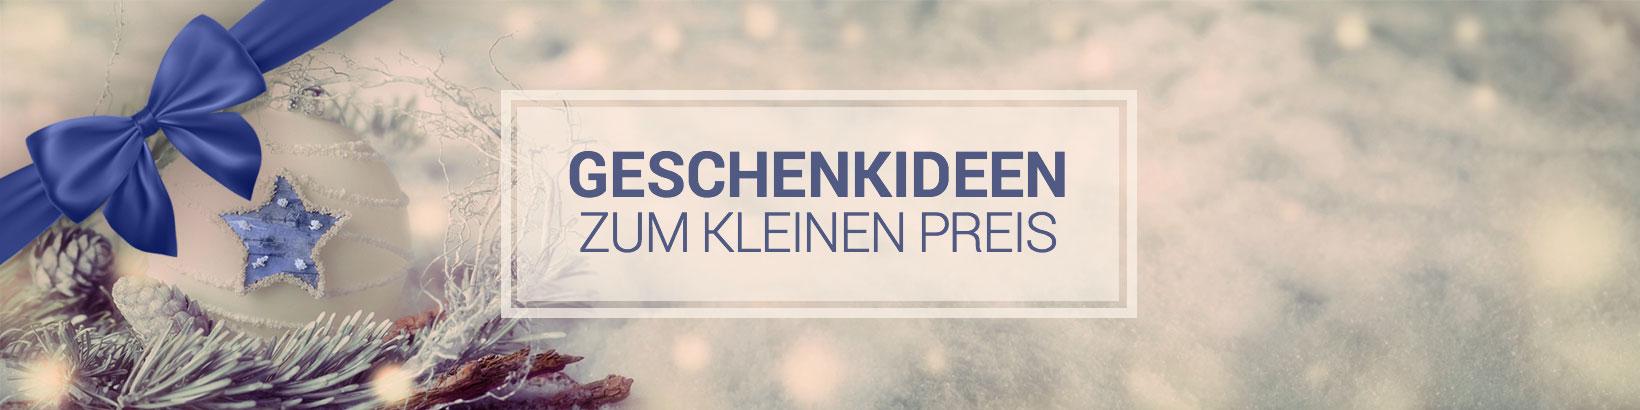 Visual-Weihnachten-Geschenke-Herren-Preis-1640x410